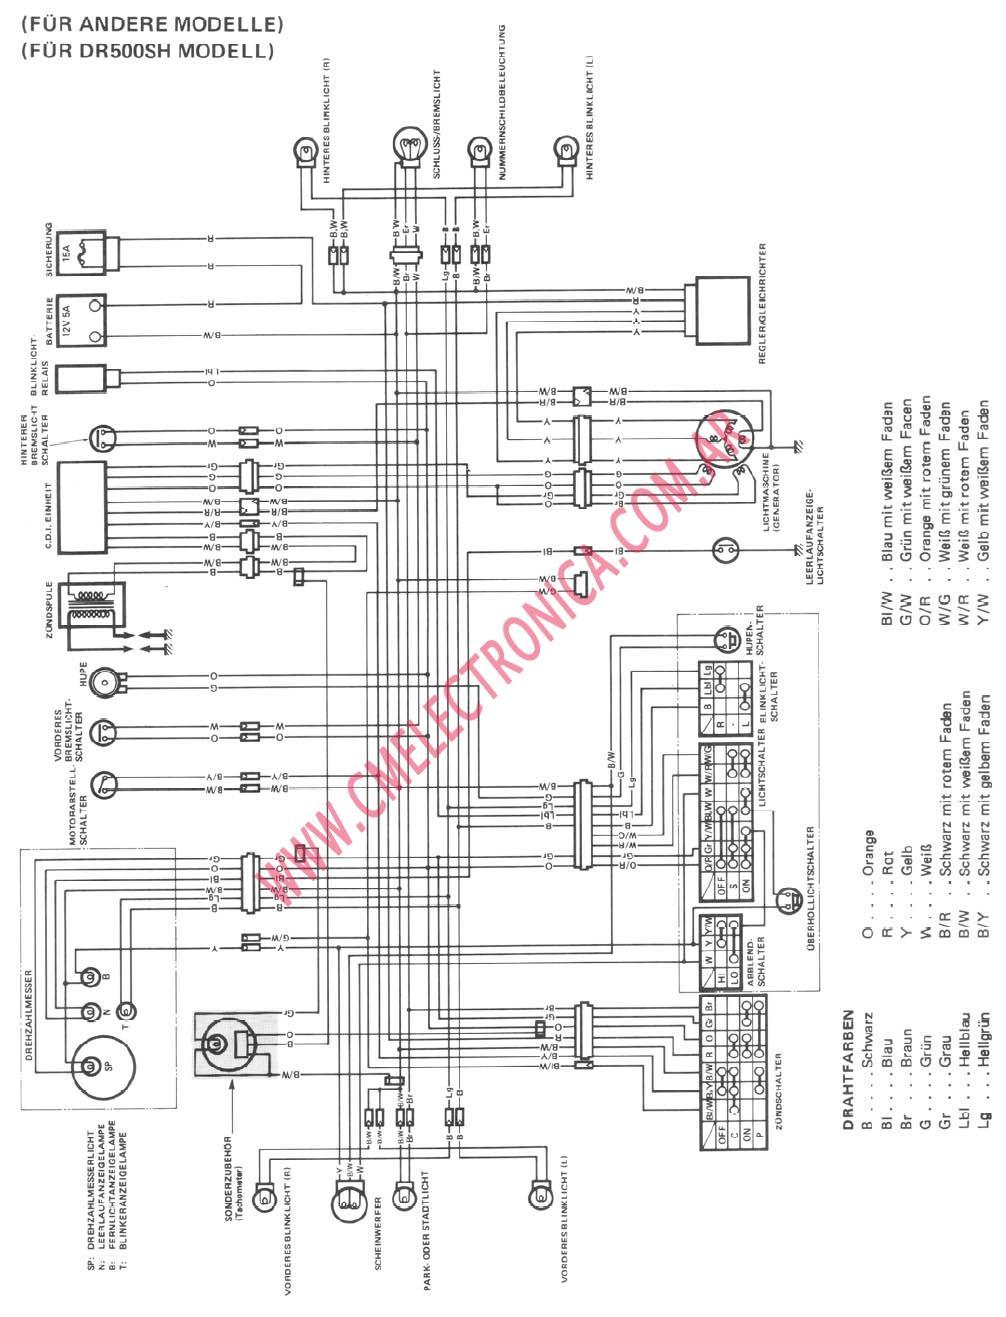 2000 suzuki gsxr 750 wiring diagram